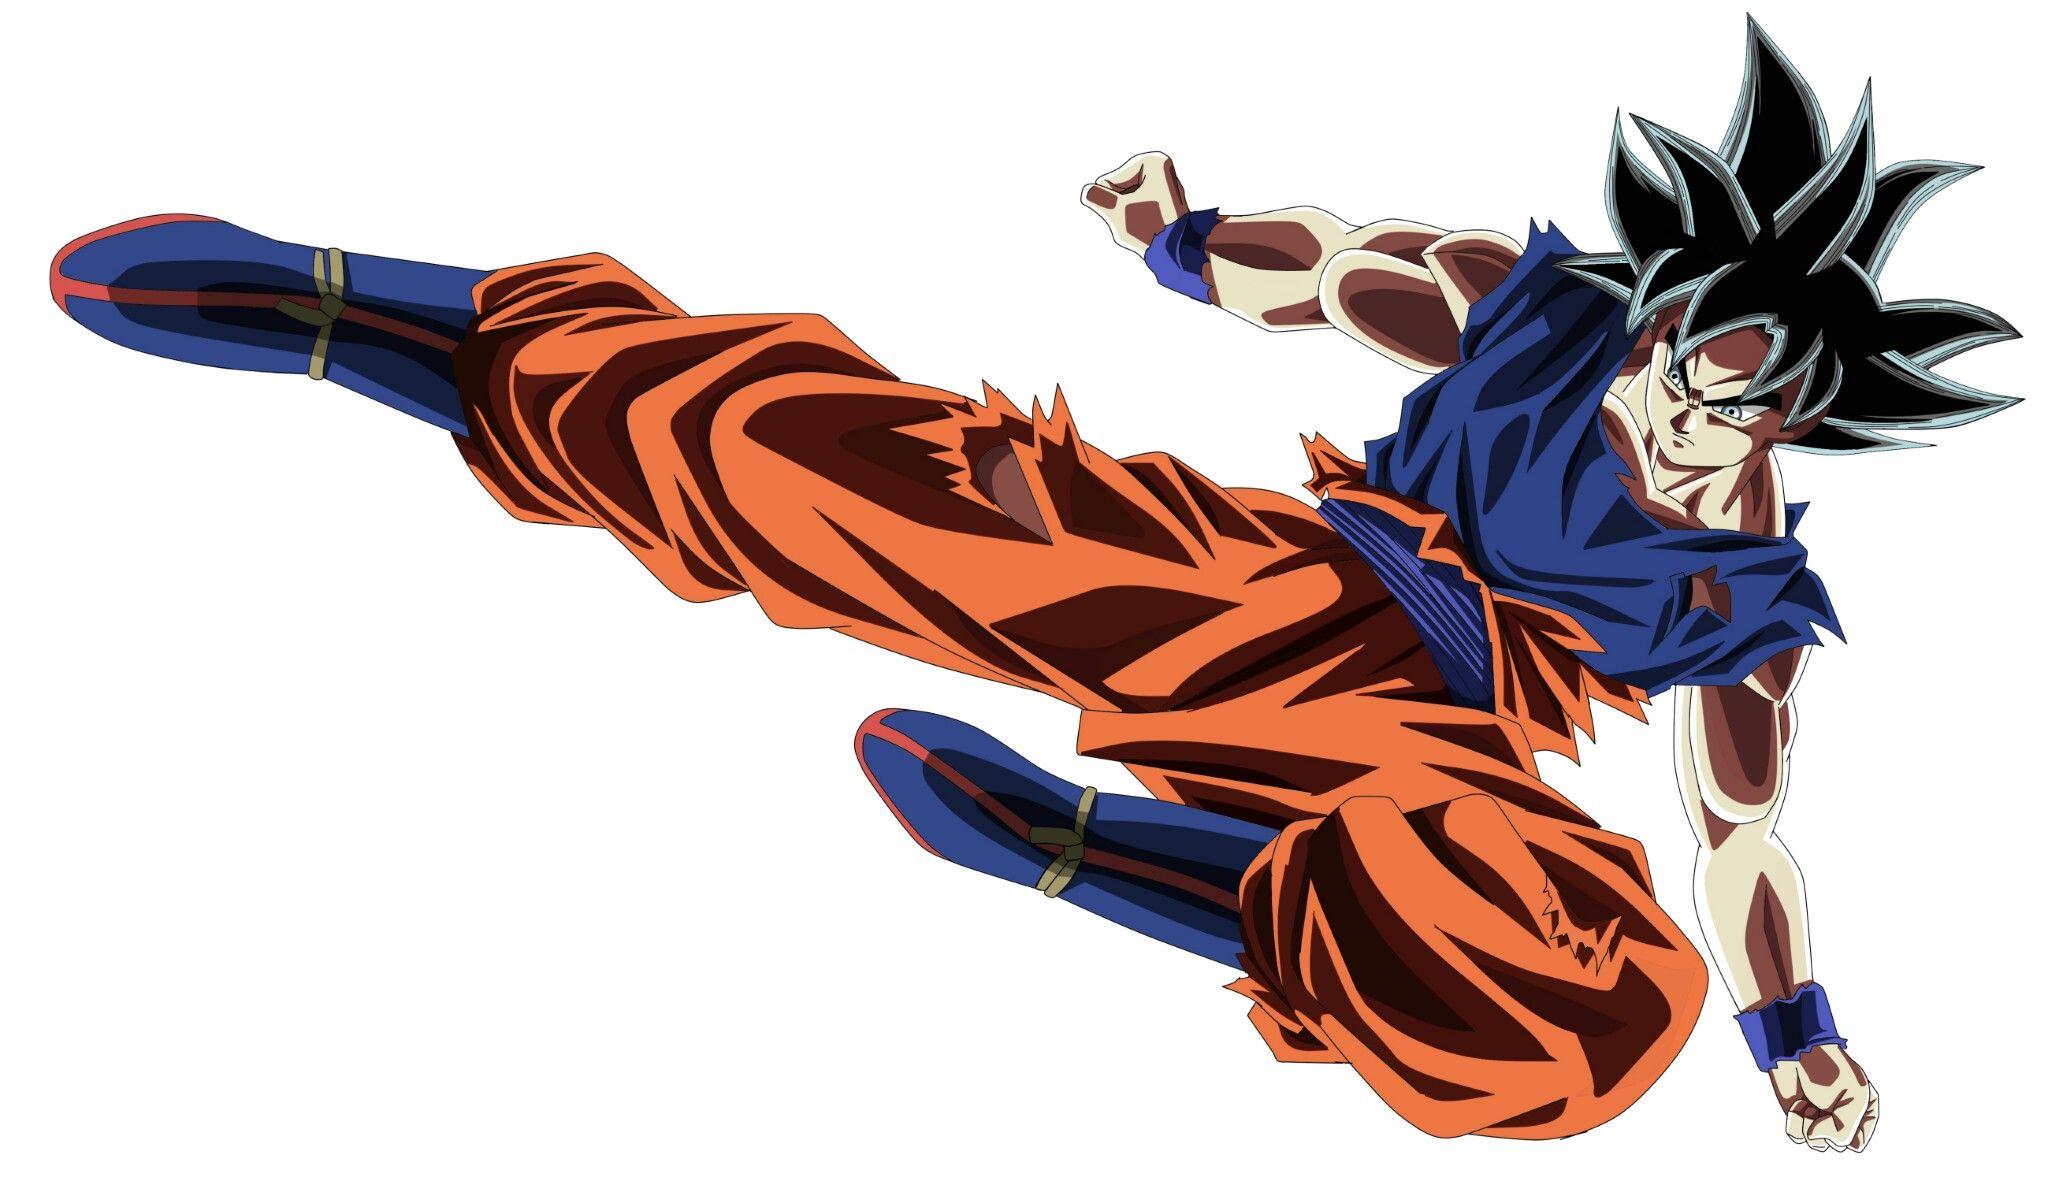 Colorear Goku Y Para Dibujos Para Colorear De Goku Ssj: Goku Para Colorear Ultra Instinto